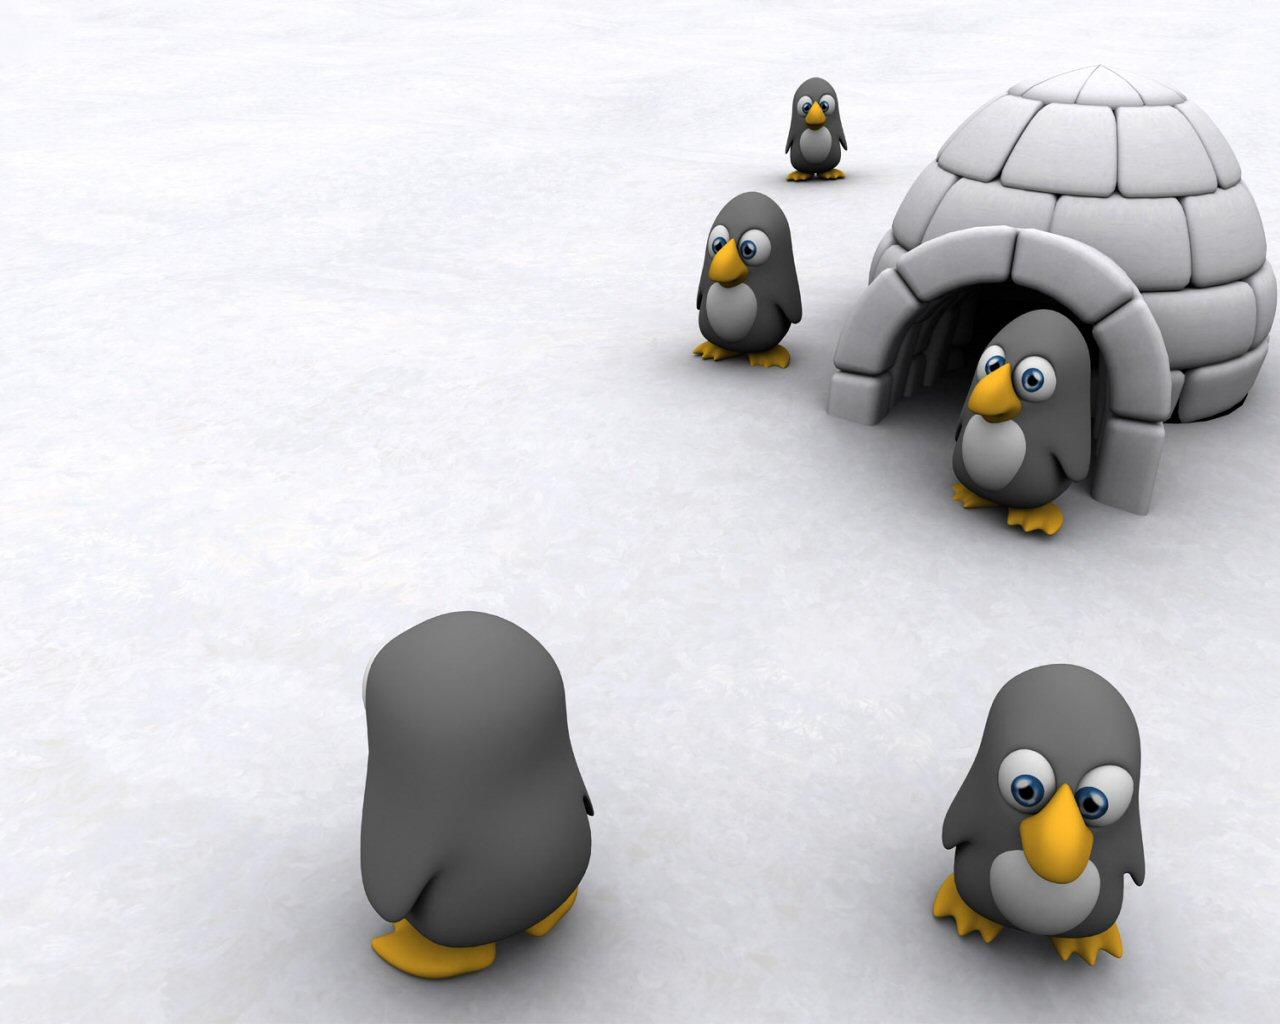 пингвины в домике изо льда, обои для рабочего стола